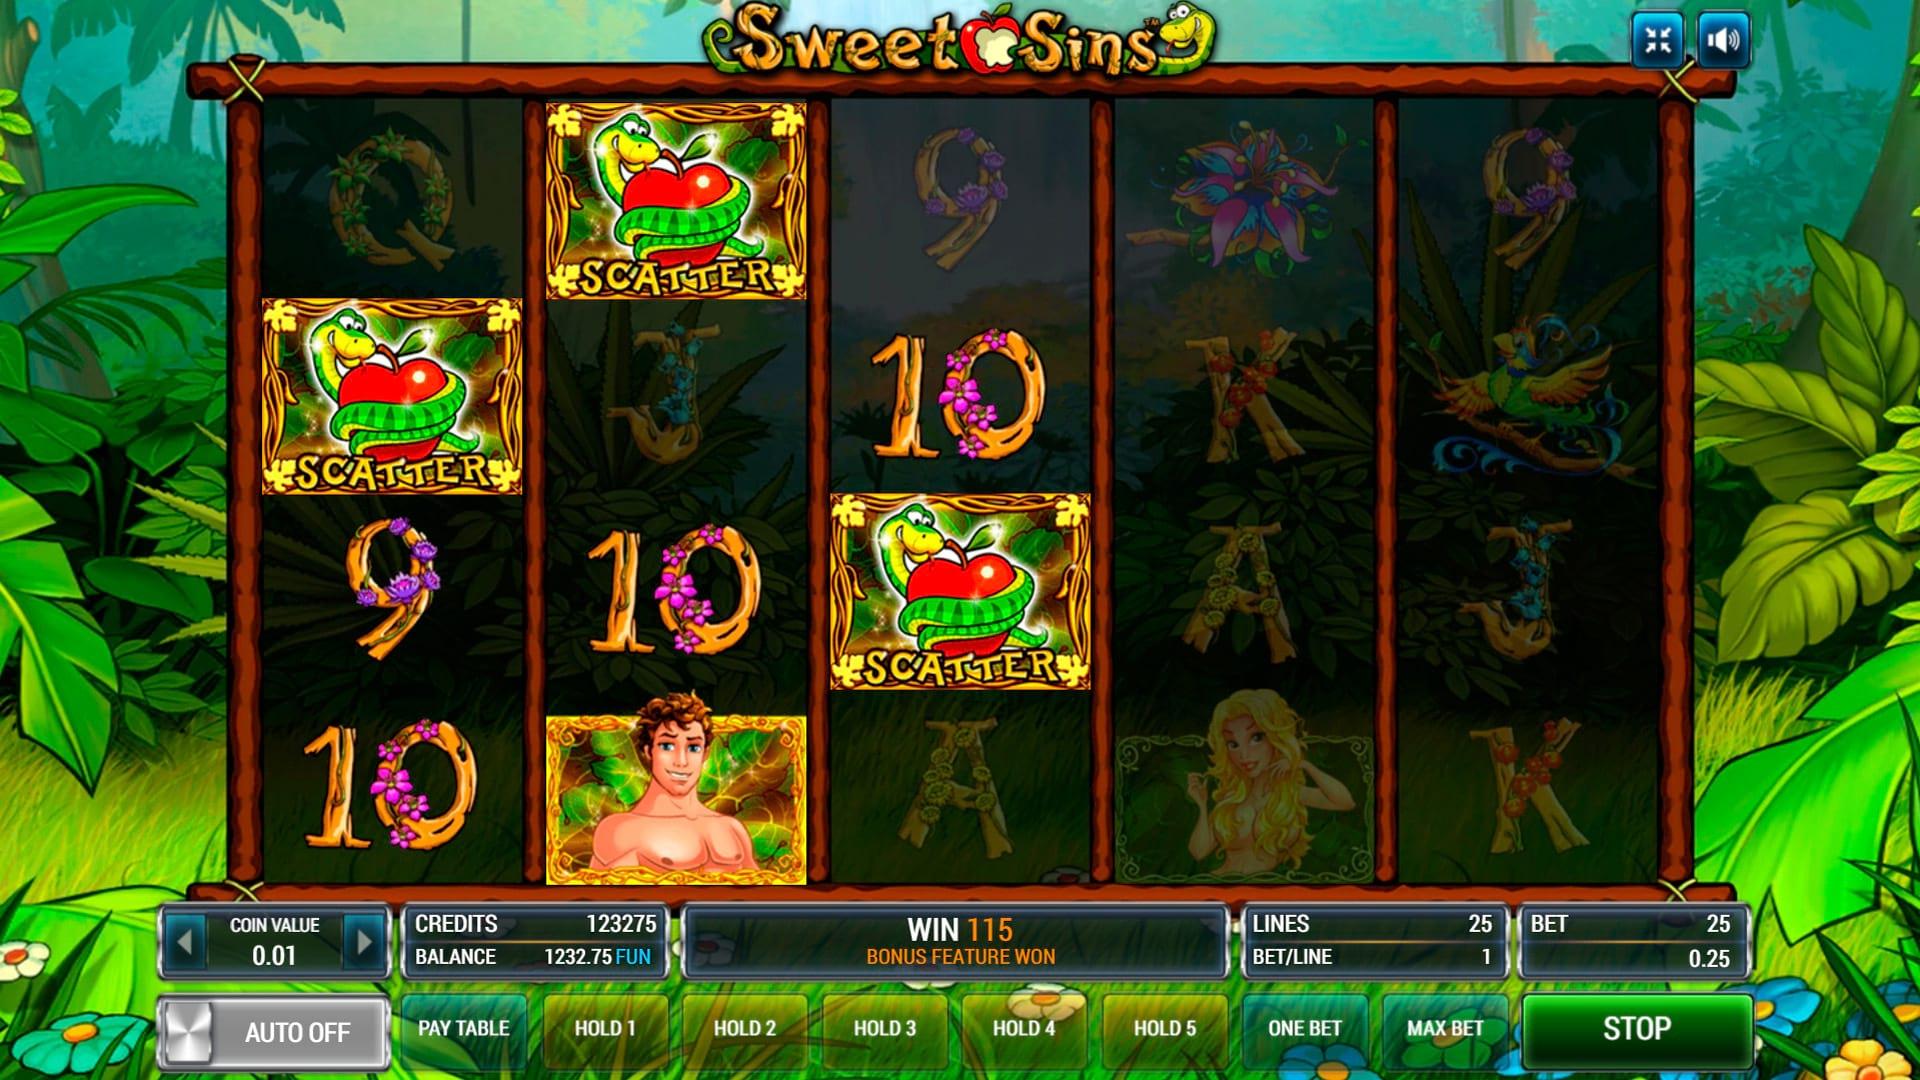 Изображение игрового автомата Sweet Sins 2